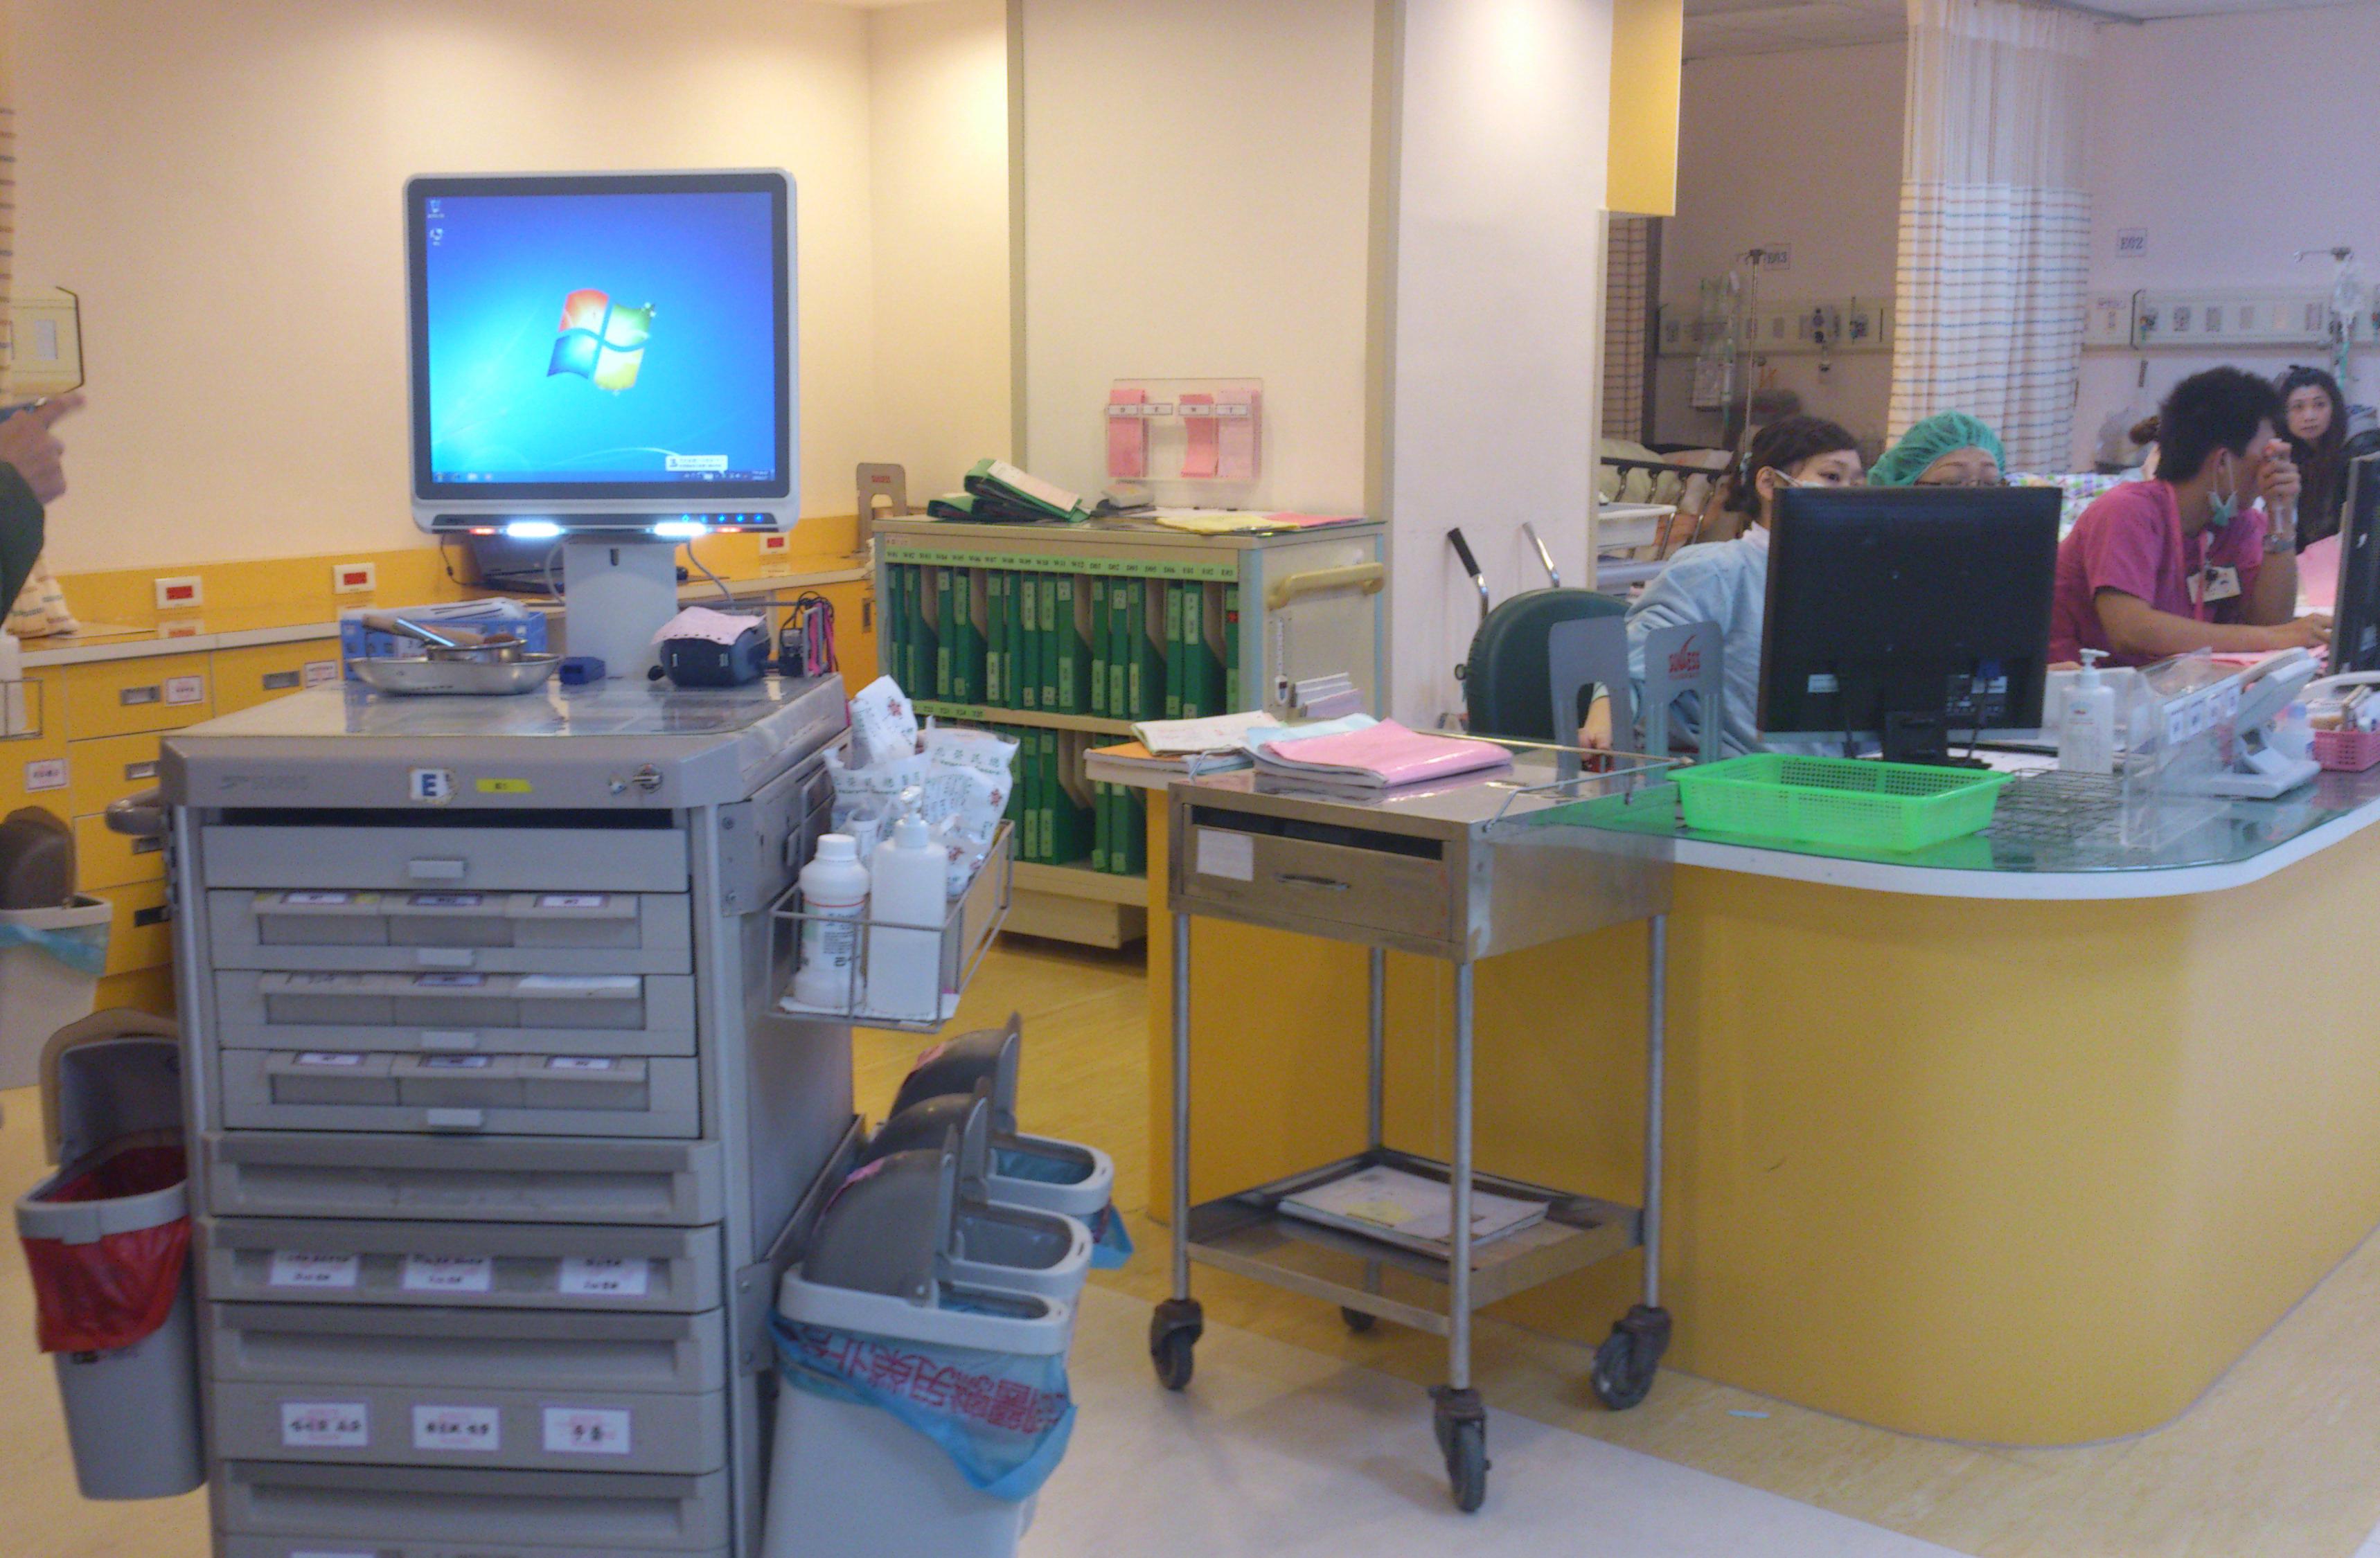 醫療級不斷電系統在台灣醫院護理站使用狀況